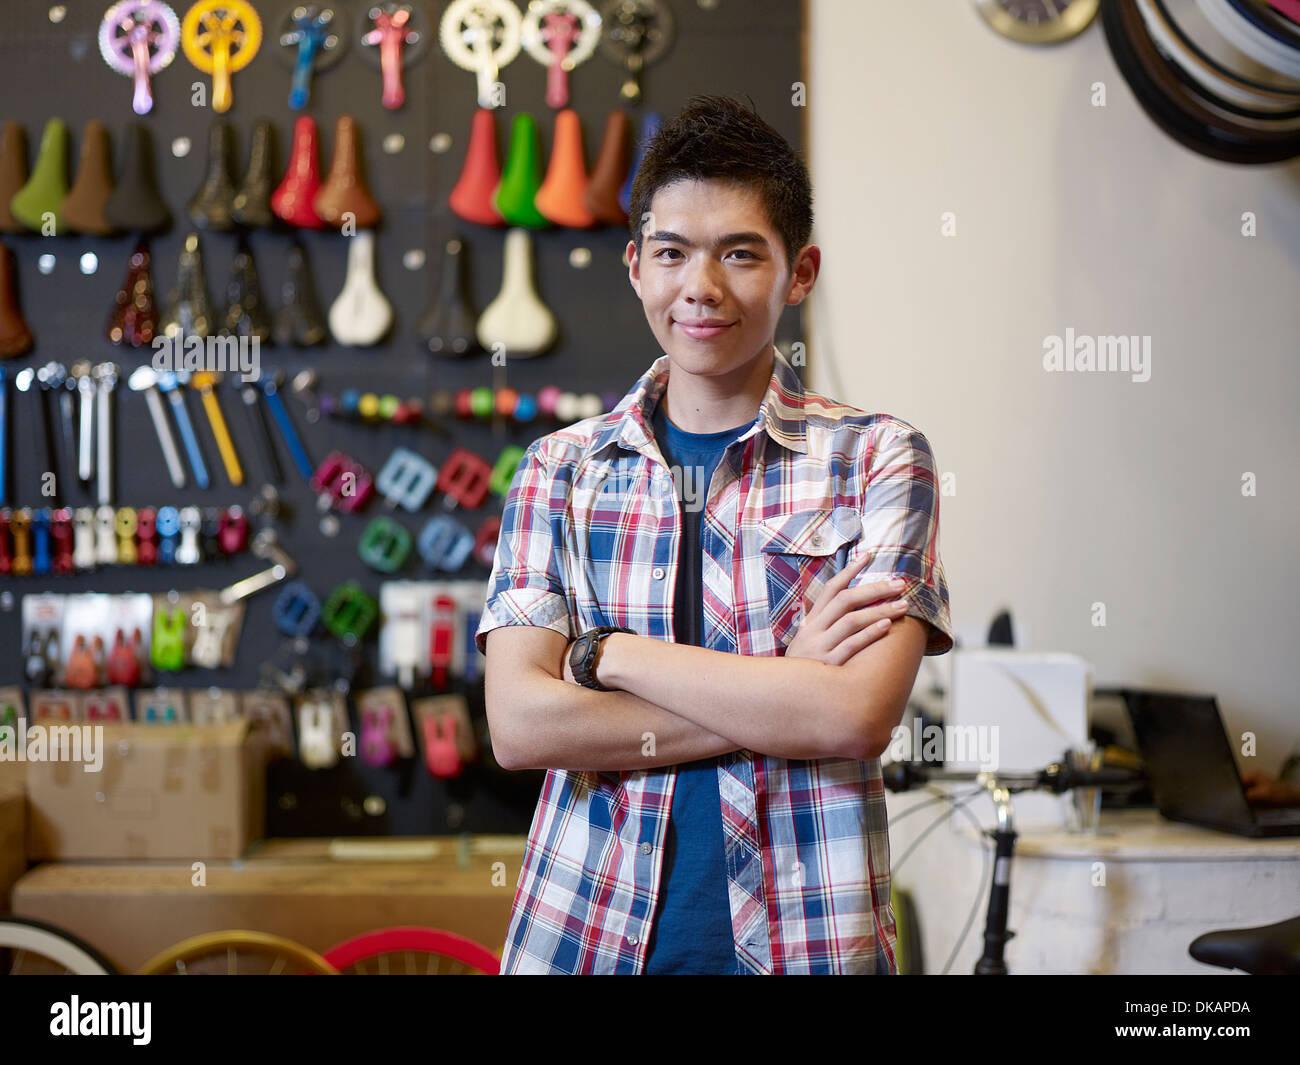 Porträt des jungen Mannes in Bikeshop mit verschränkten Armen Stockbild